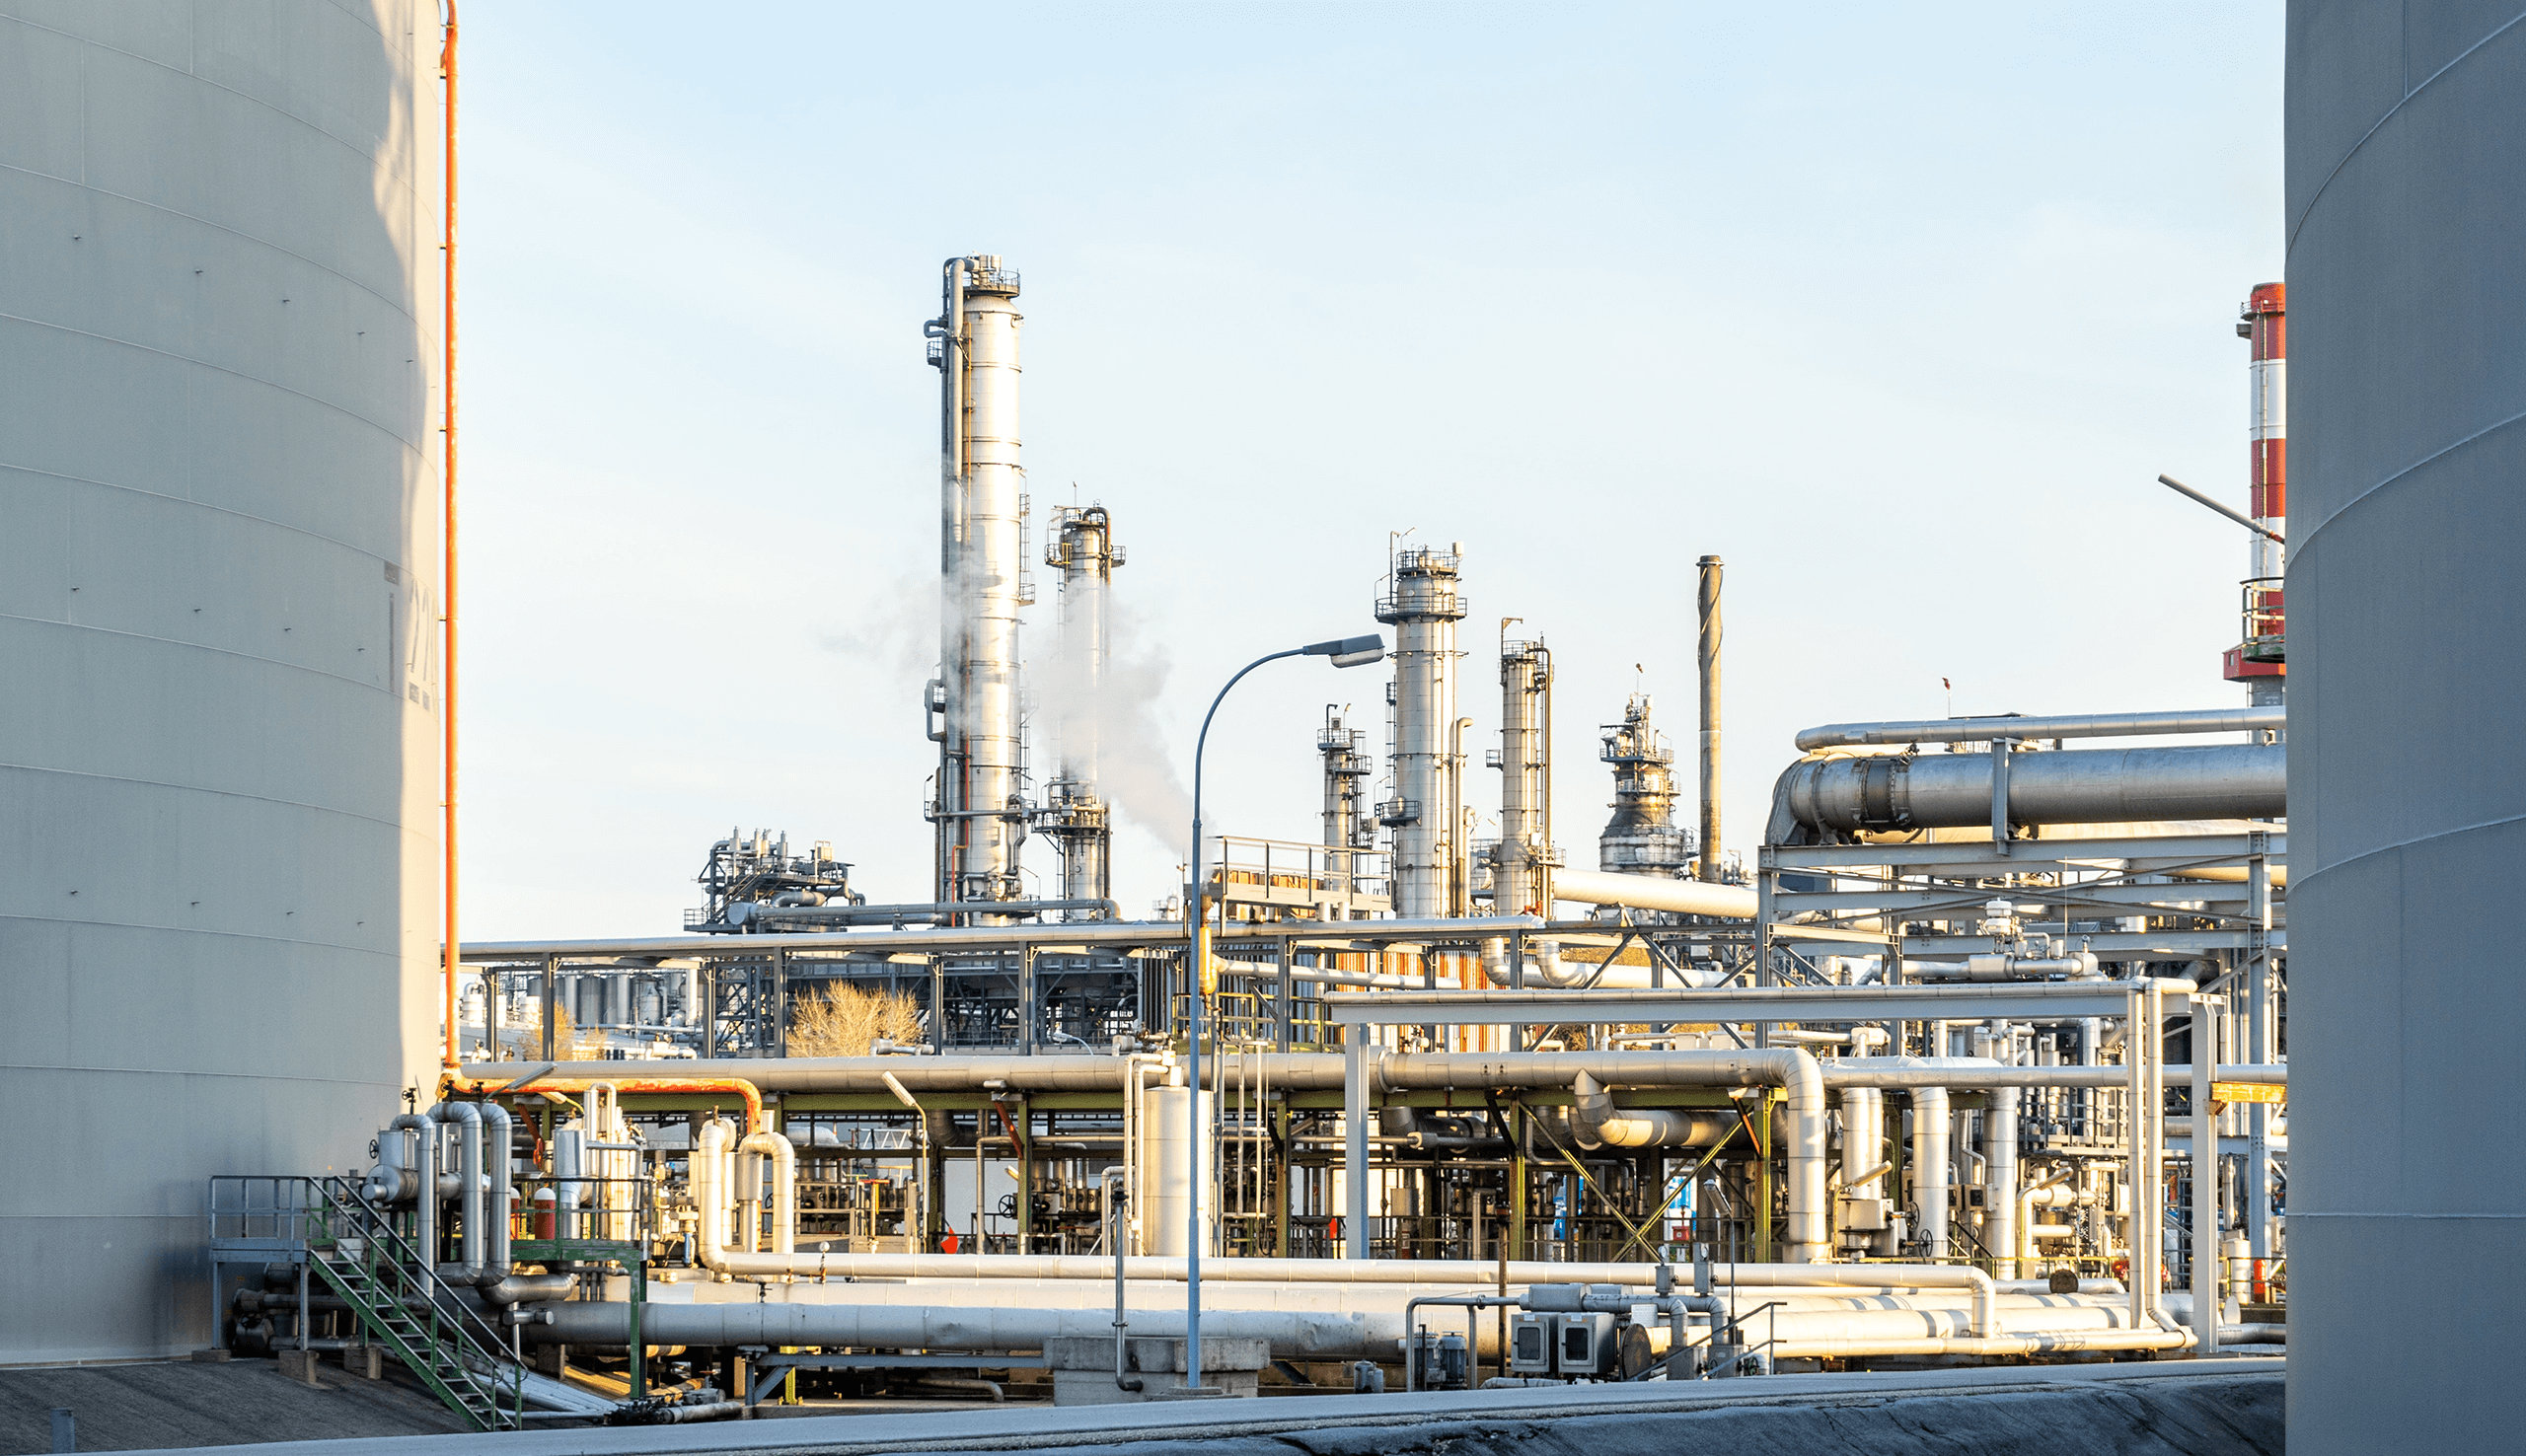 LoRaWAN & Industrial Sites